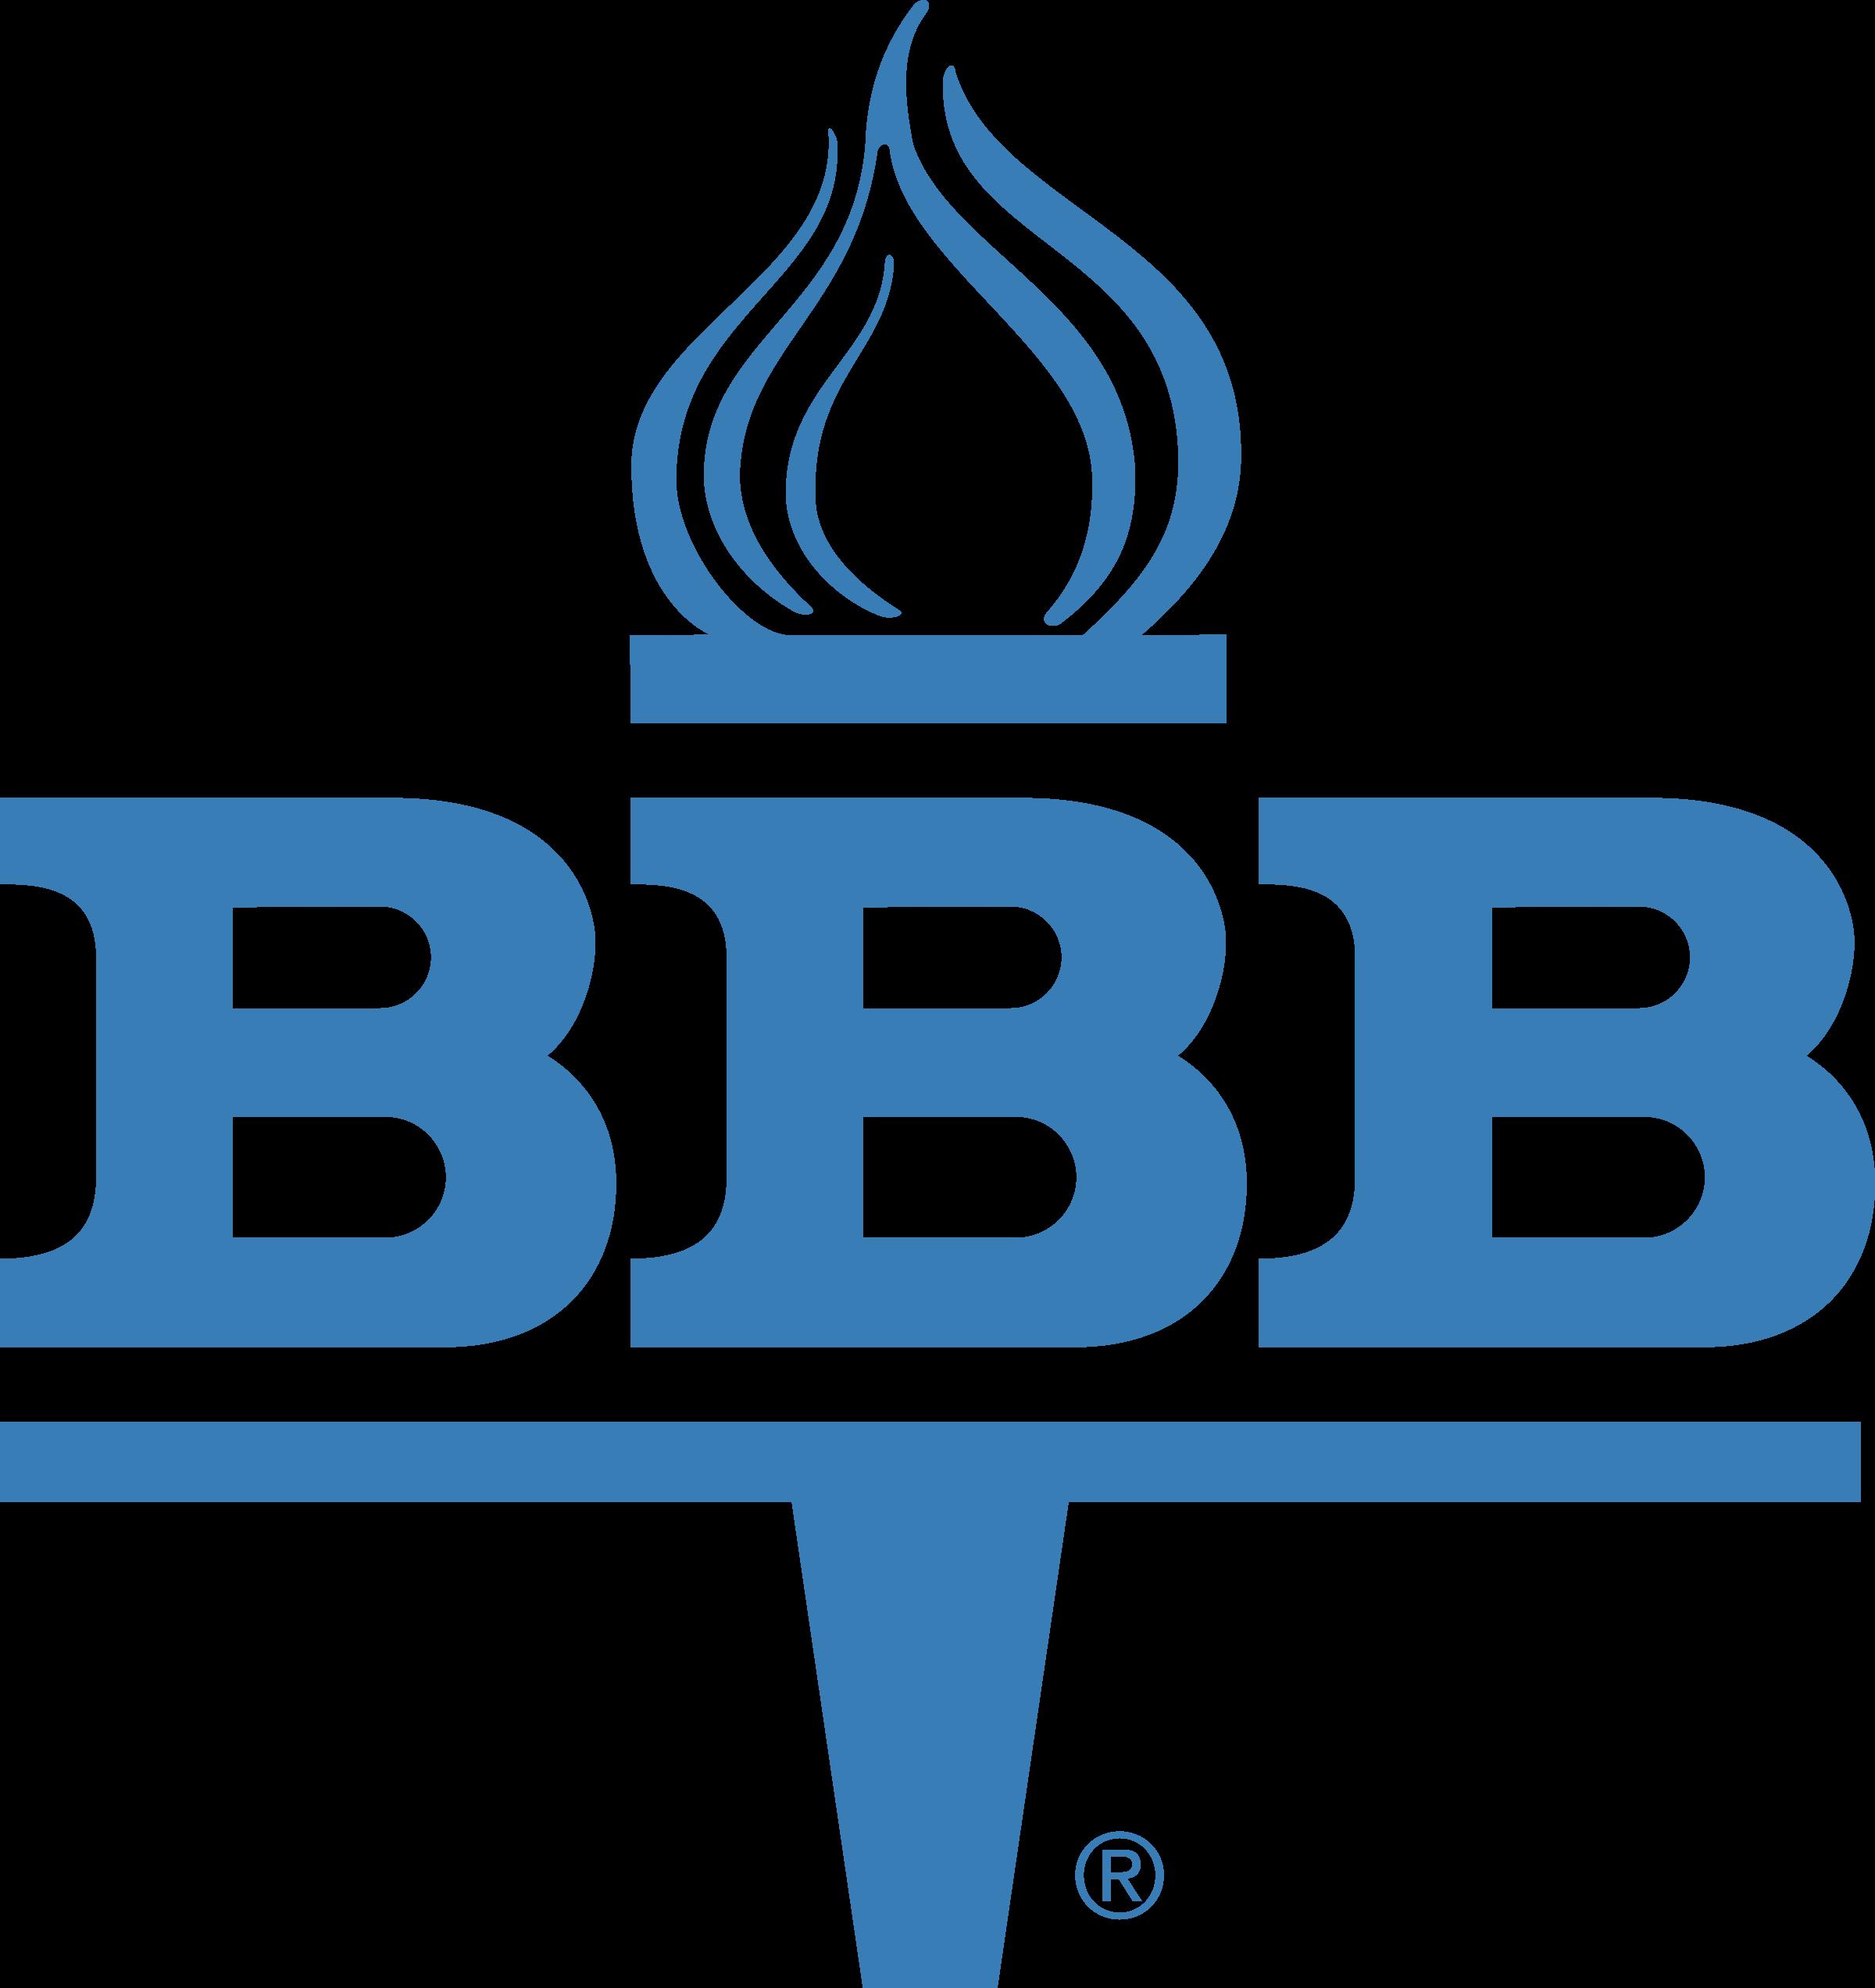 better business bureau 1 logo png transparent svg vector freebie rh freebiesupply com better business bureau logo vector better business bureau logo vector